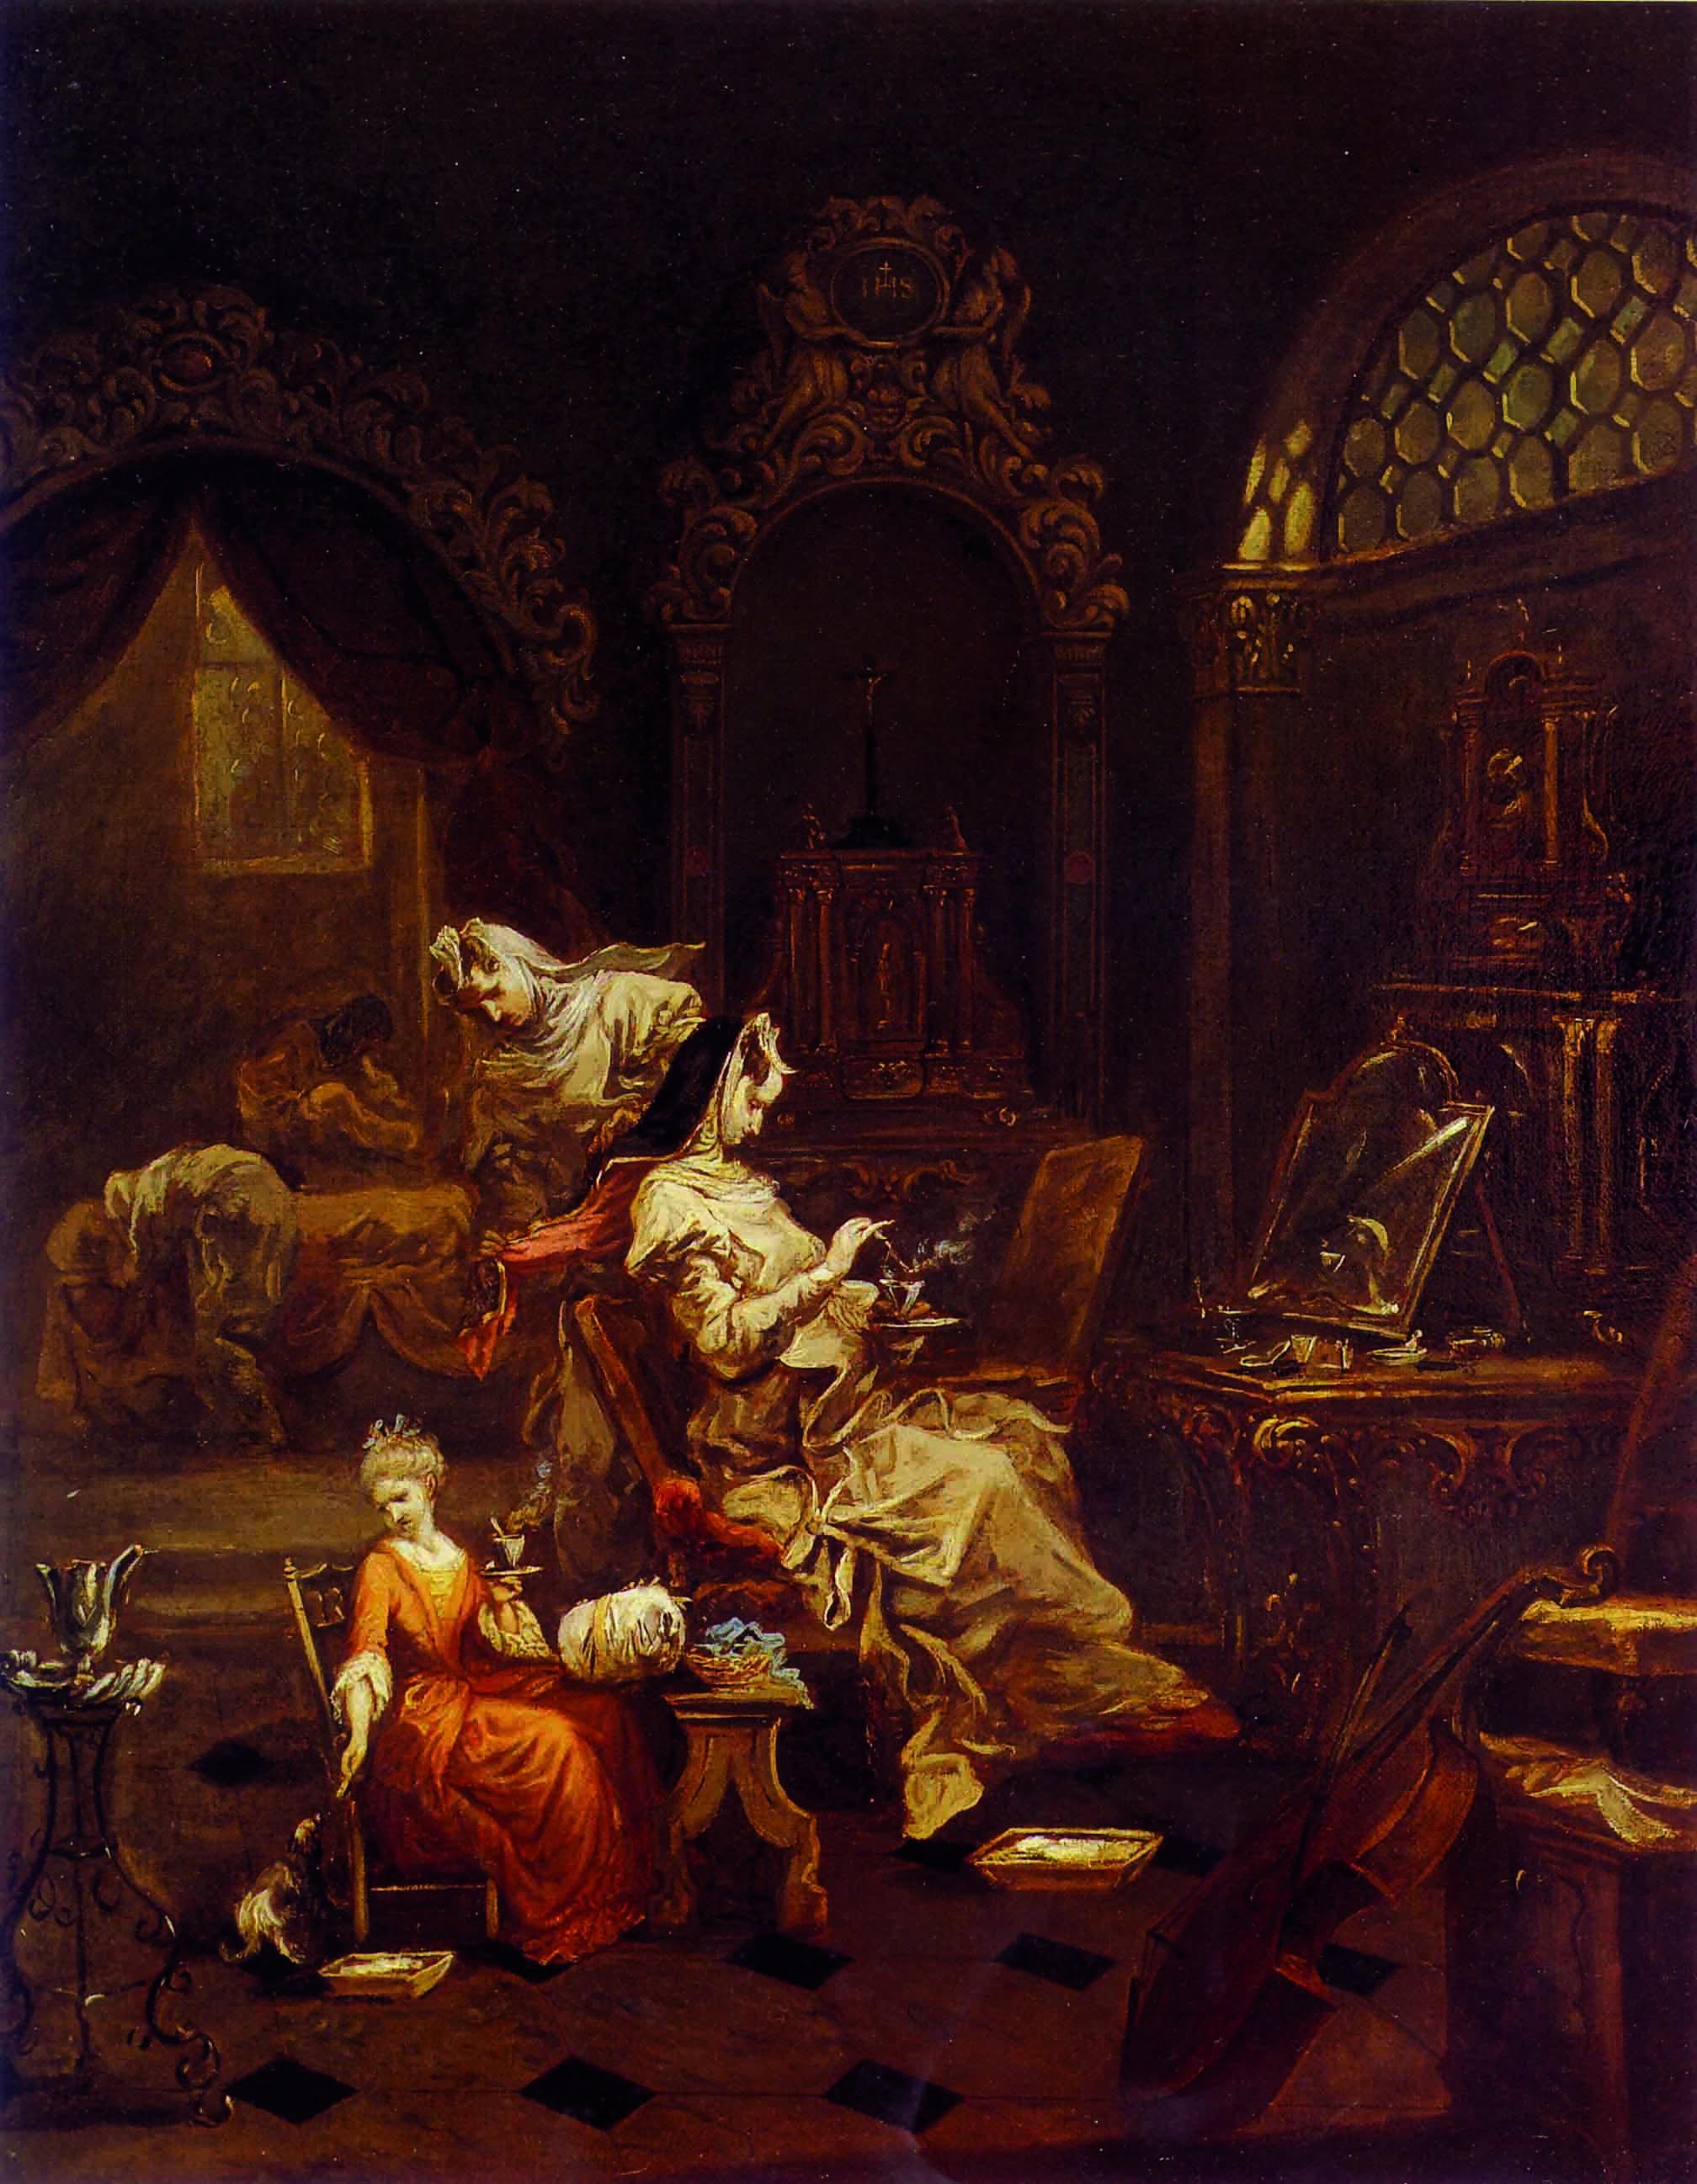 Nella pagina accanto: Alessandro Magnasco, Cioccolata, 1740-45. In un sontuoso interno che ha ben poco a che fare con la cella di un monastero (è più simile ad un boudoir), una religiosa assapora una tazza di cioccolata calda in compagnia di un'educanda e di alcune consorelle impegnate in lavori domestici